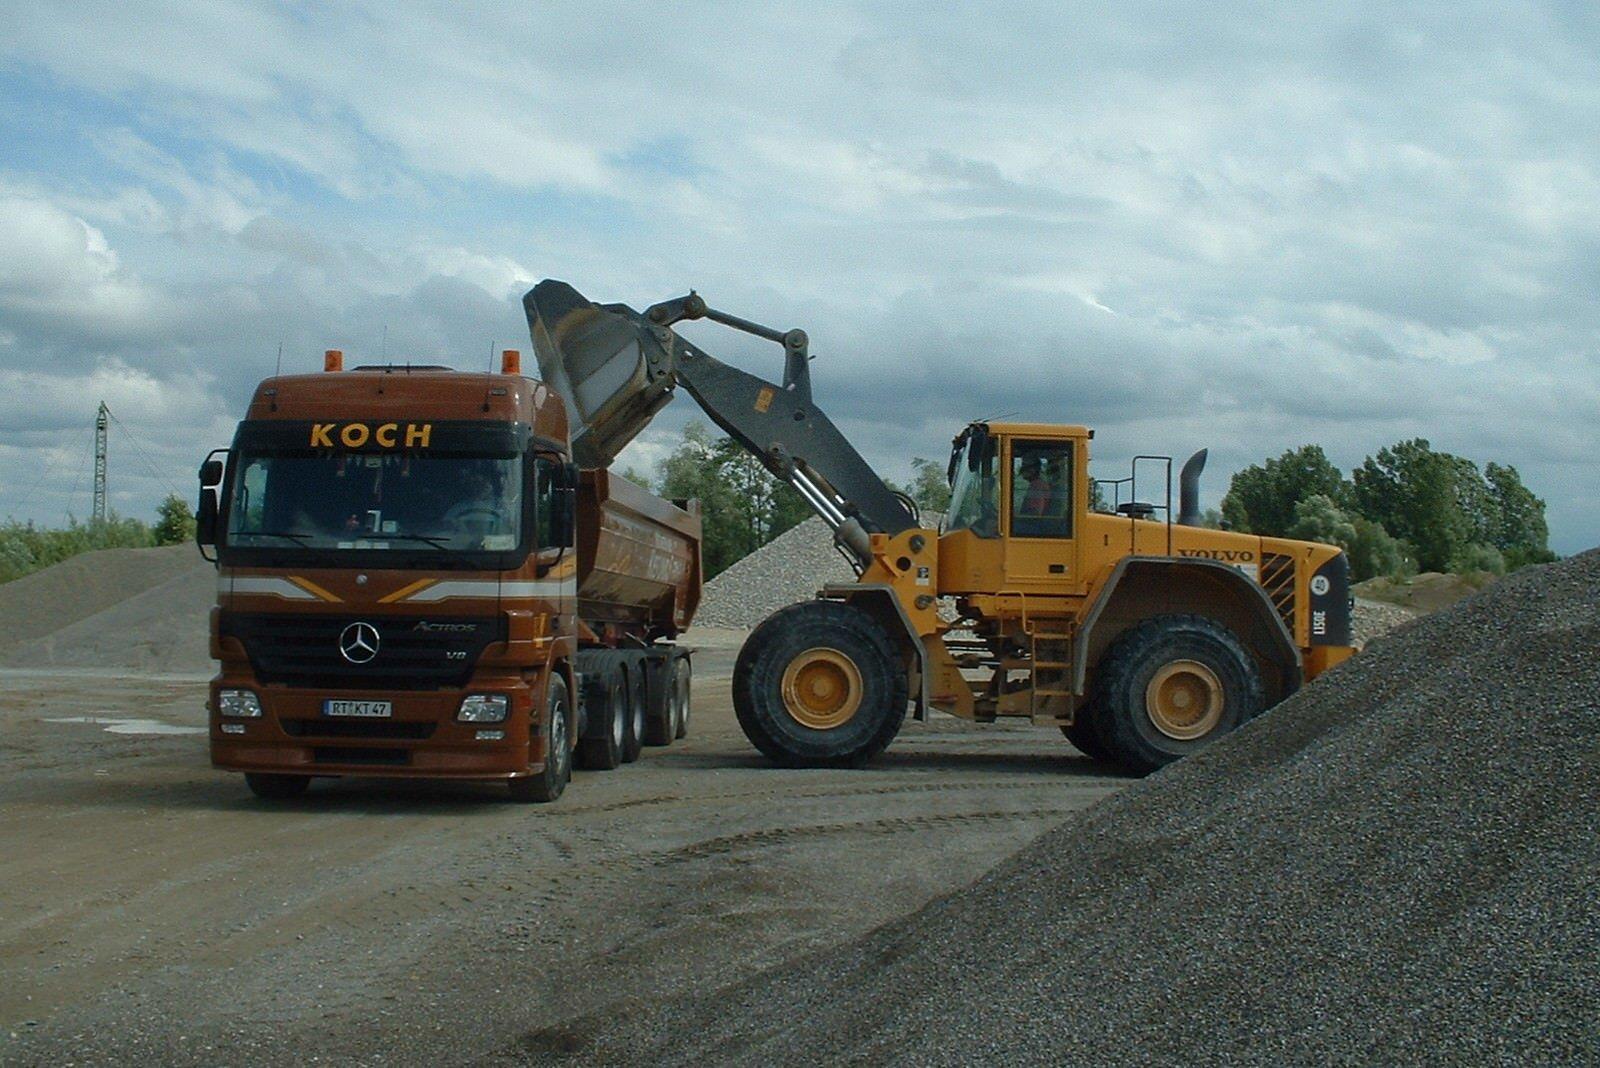 Kiesabbau koch kieswerk transporte for Koch transporte